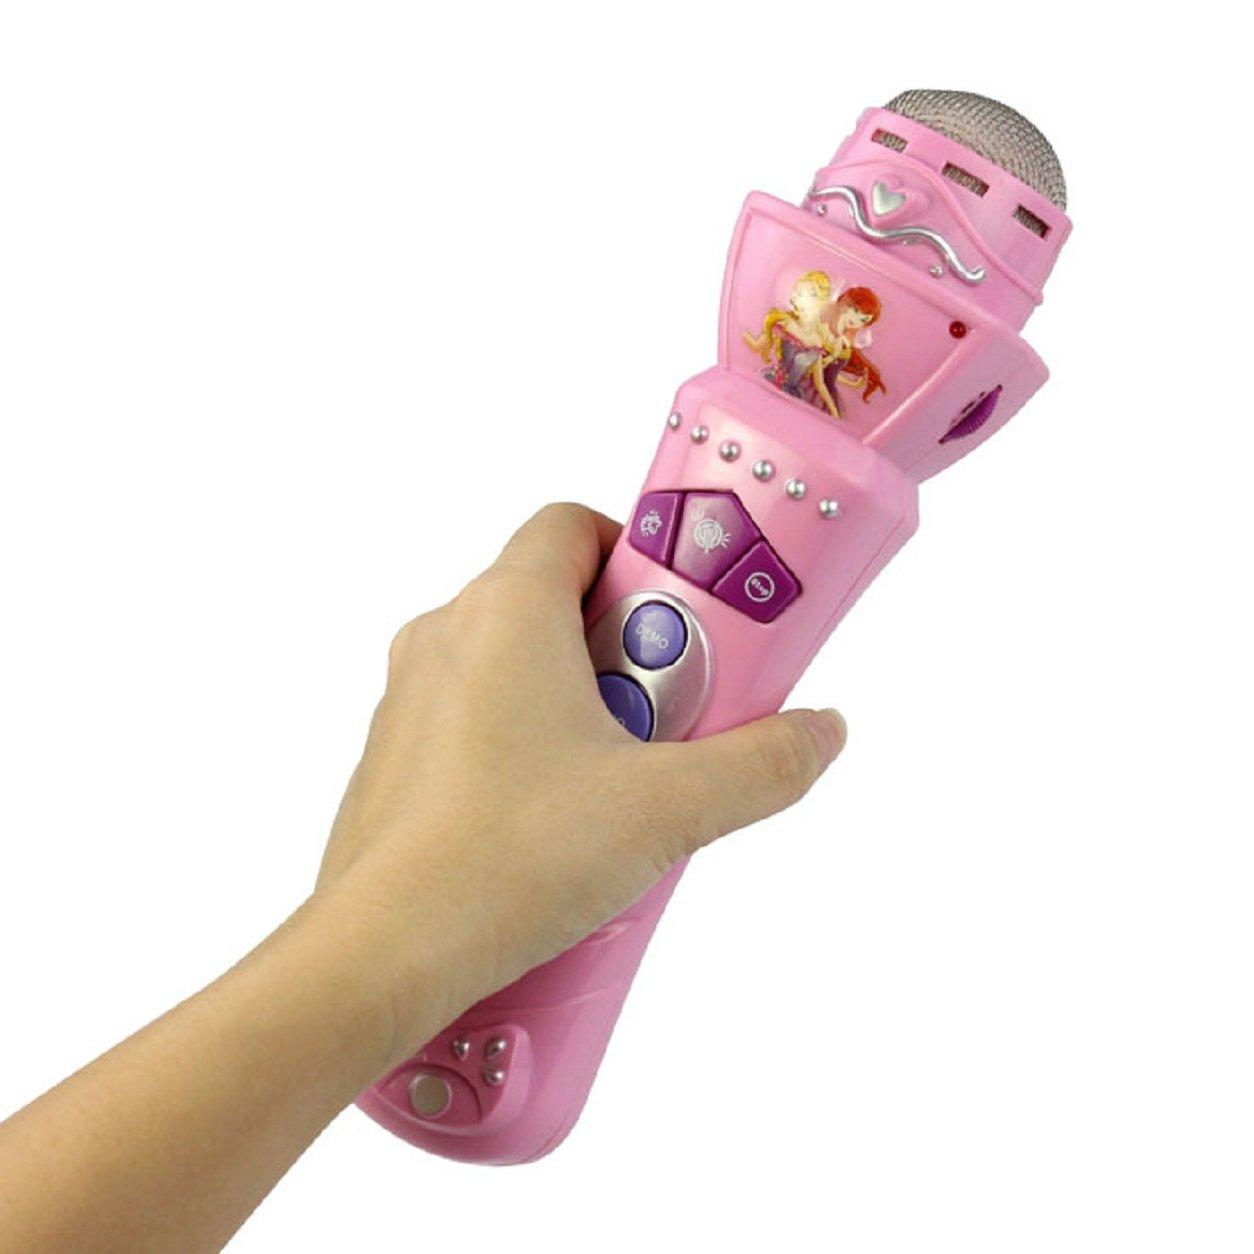 Malloom® Nueva Micrófono Inalámbrico Niños Niñas LED Mic Karaoke Canto Regalo Divertido Juguete Música Rosa Malloom®8